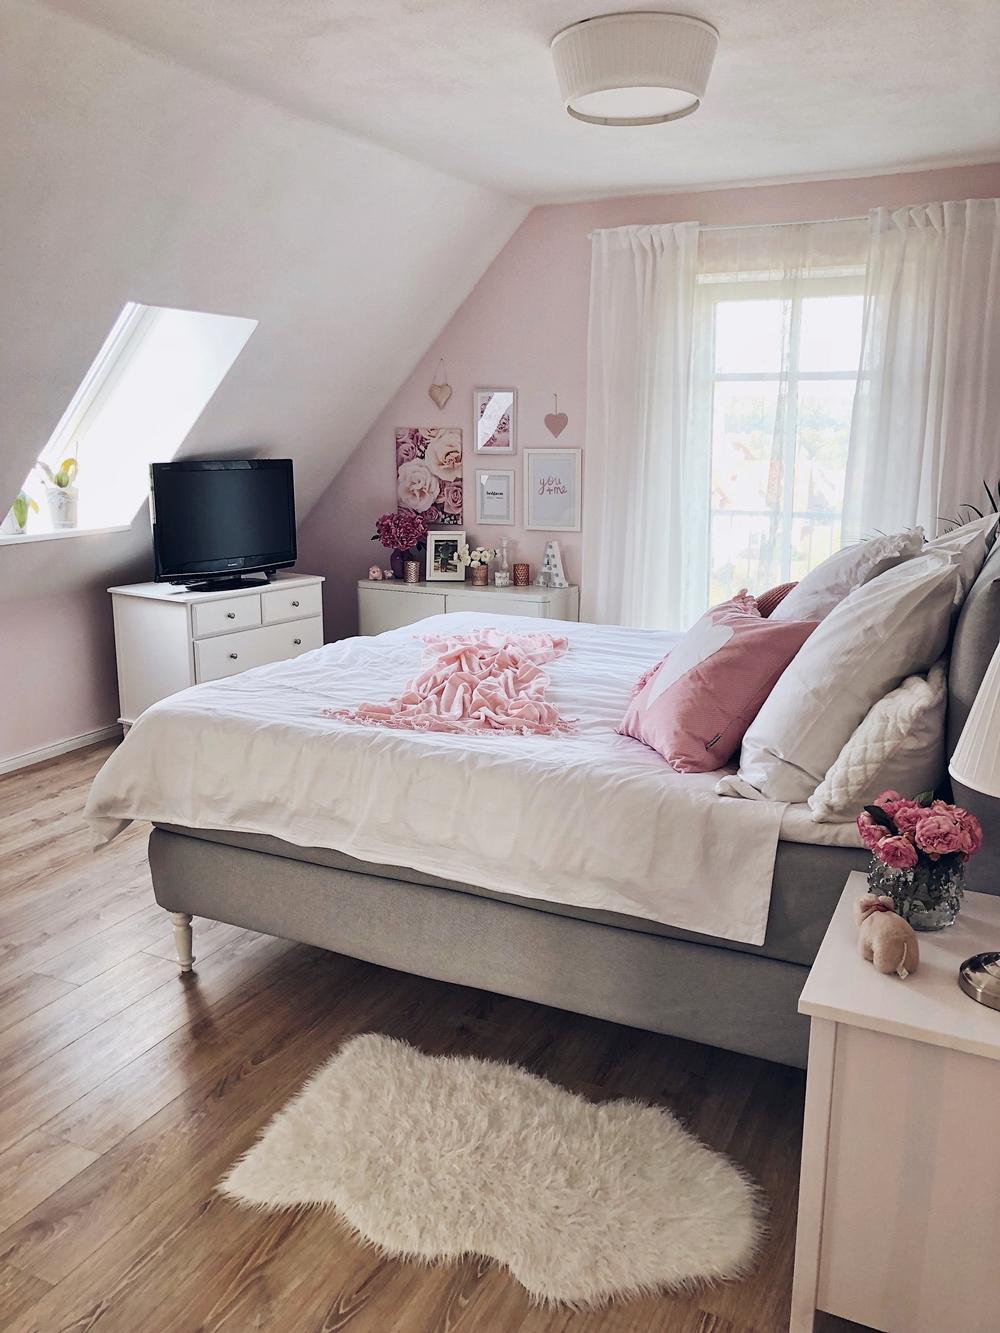 Schlafzimmer Update - Boxspringbett & Interior - Fashion Kitchen